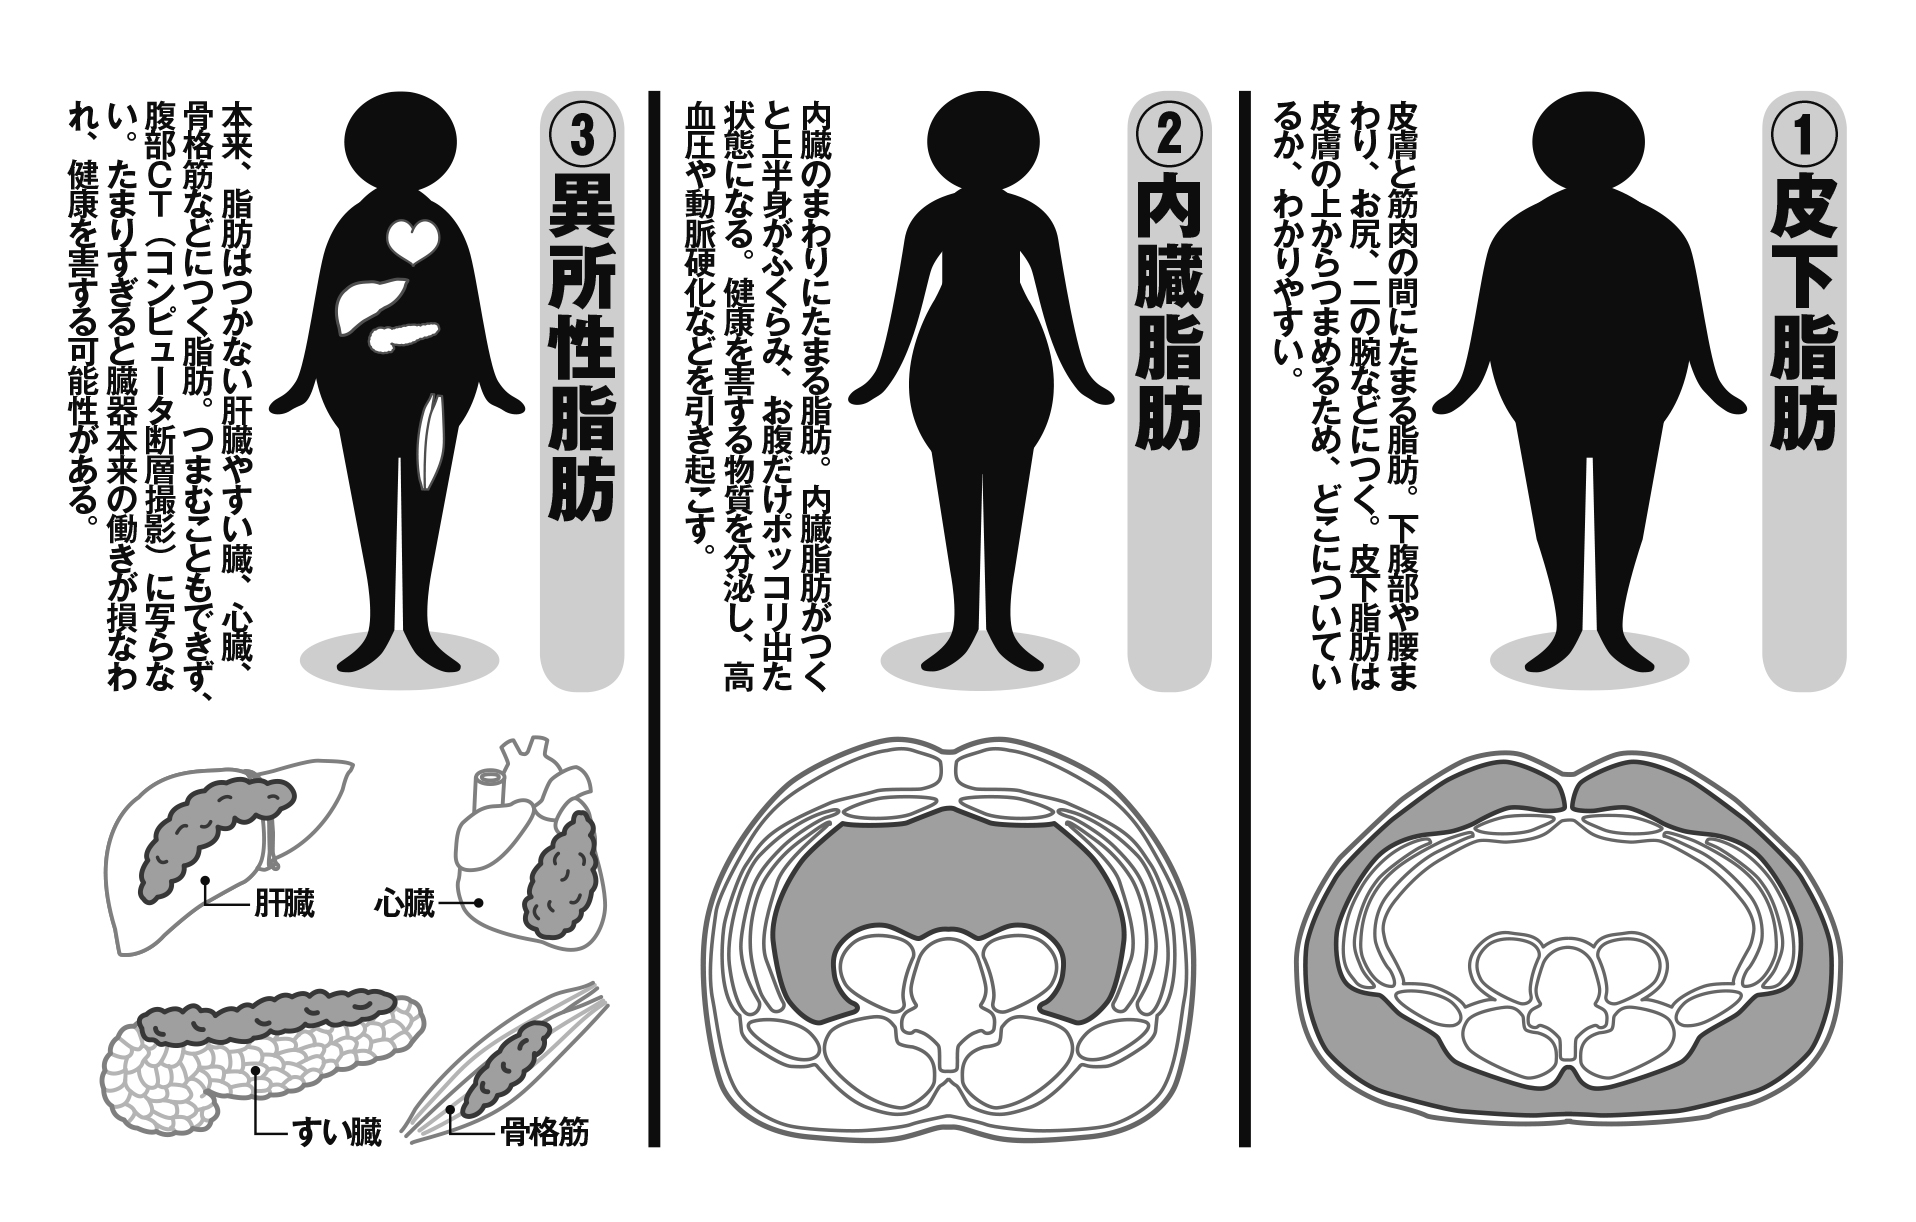 人間の体にある3種類の脂肪を図解